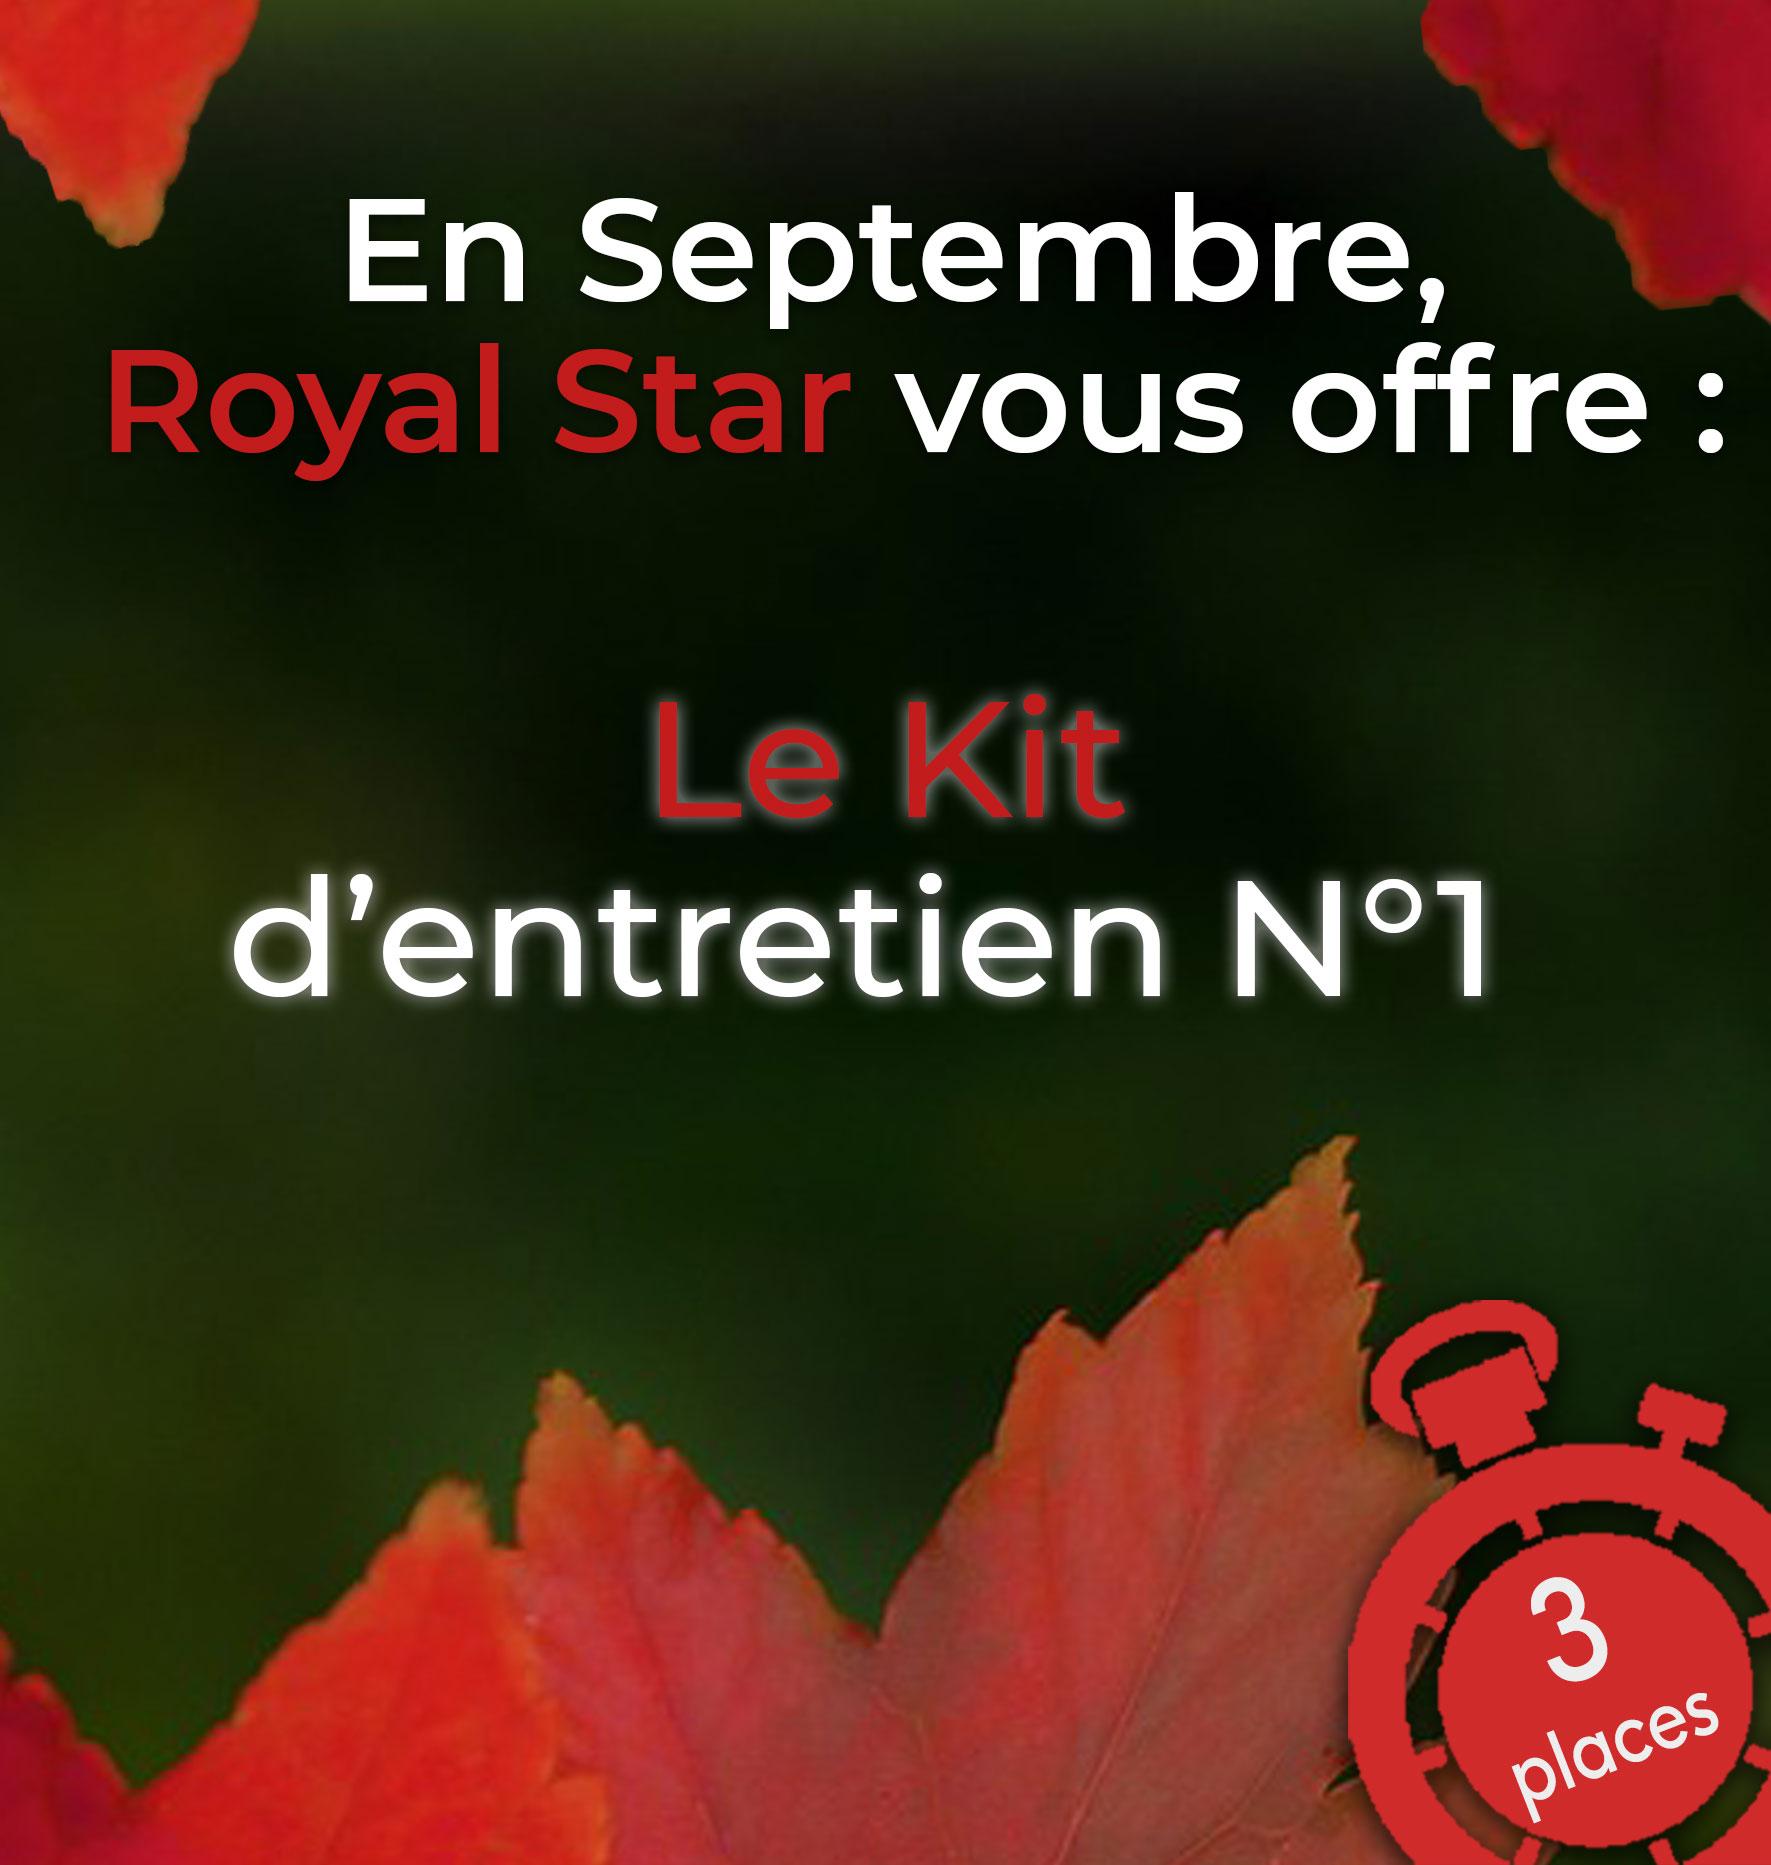 promo royalstar